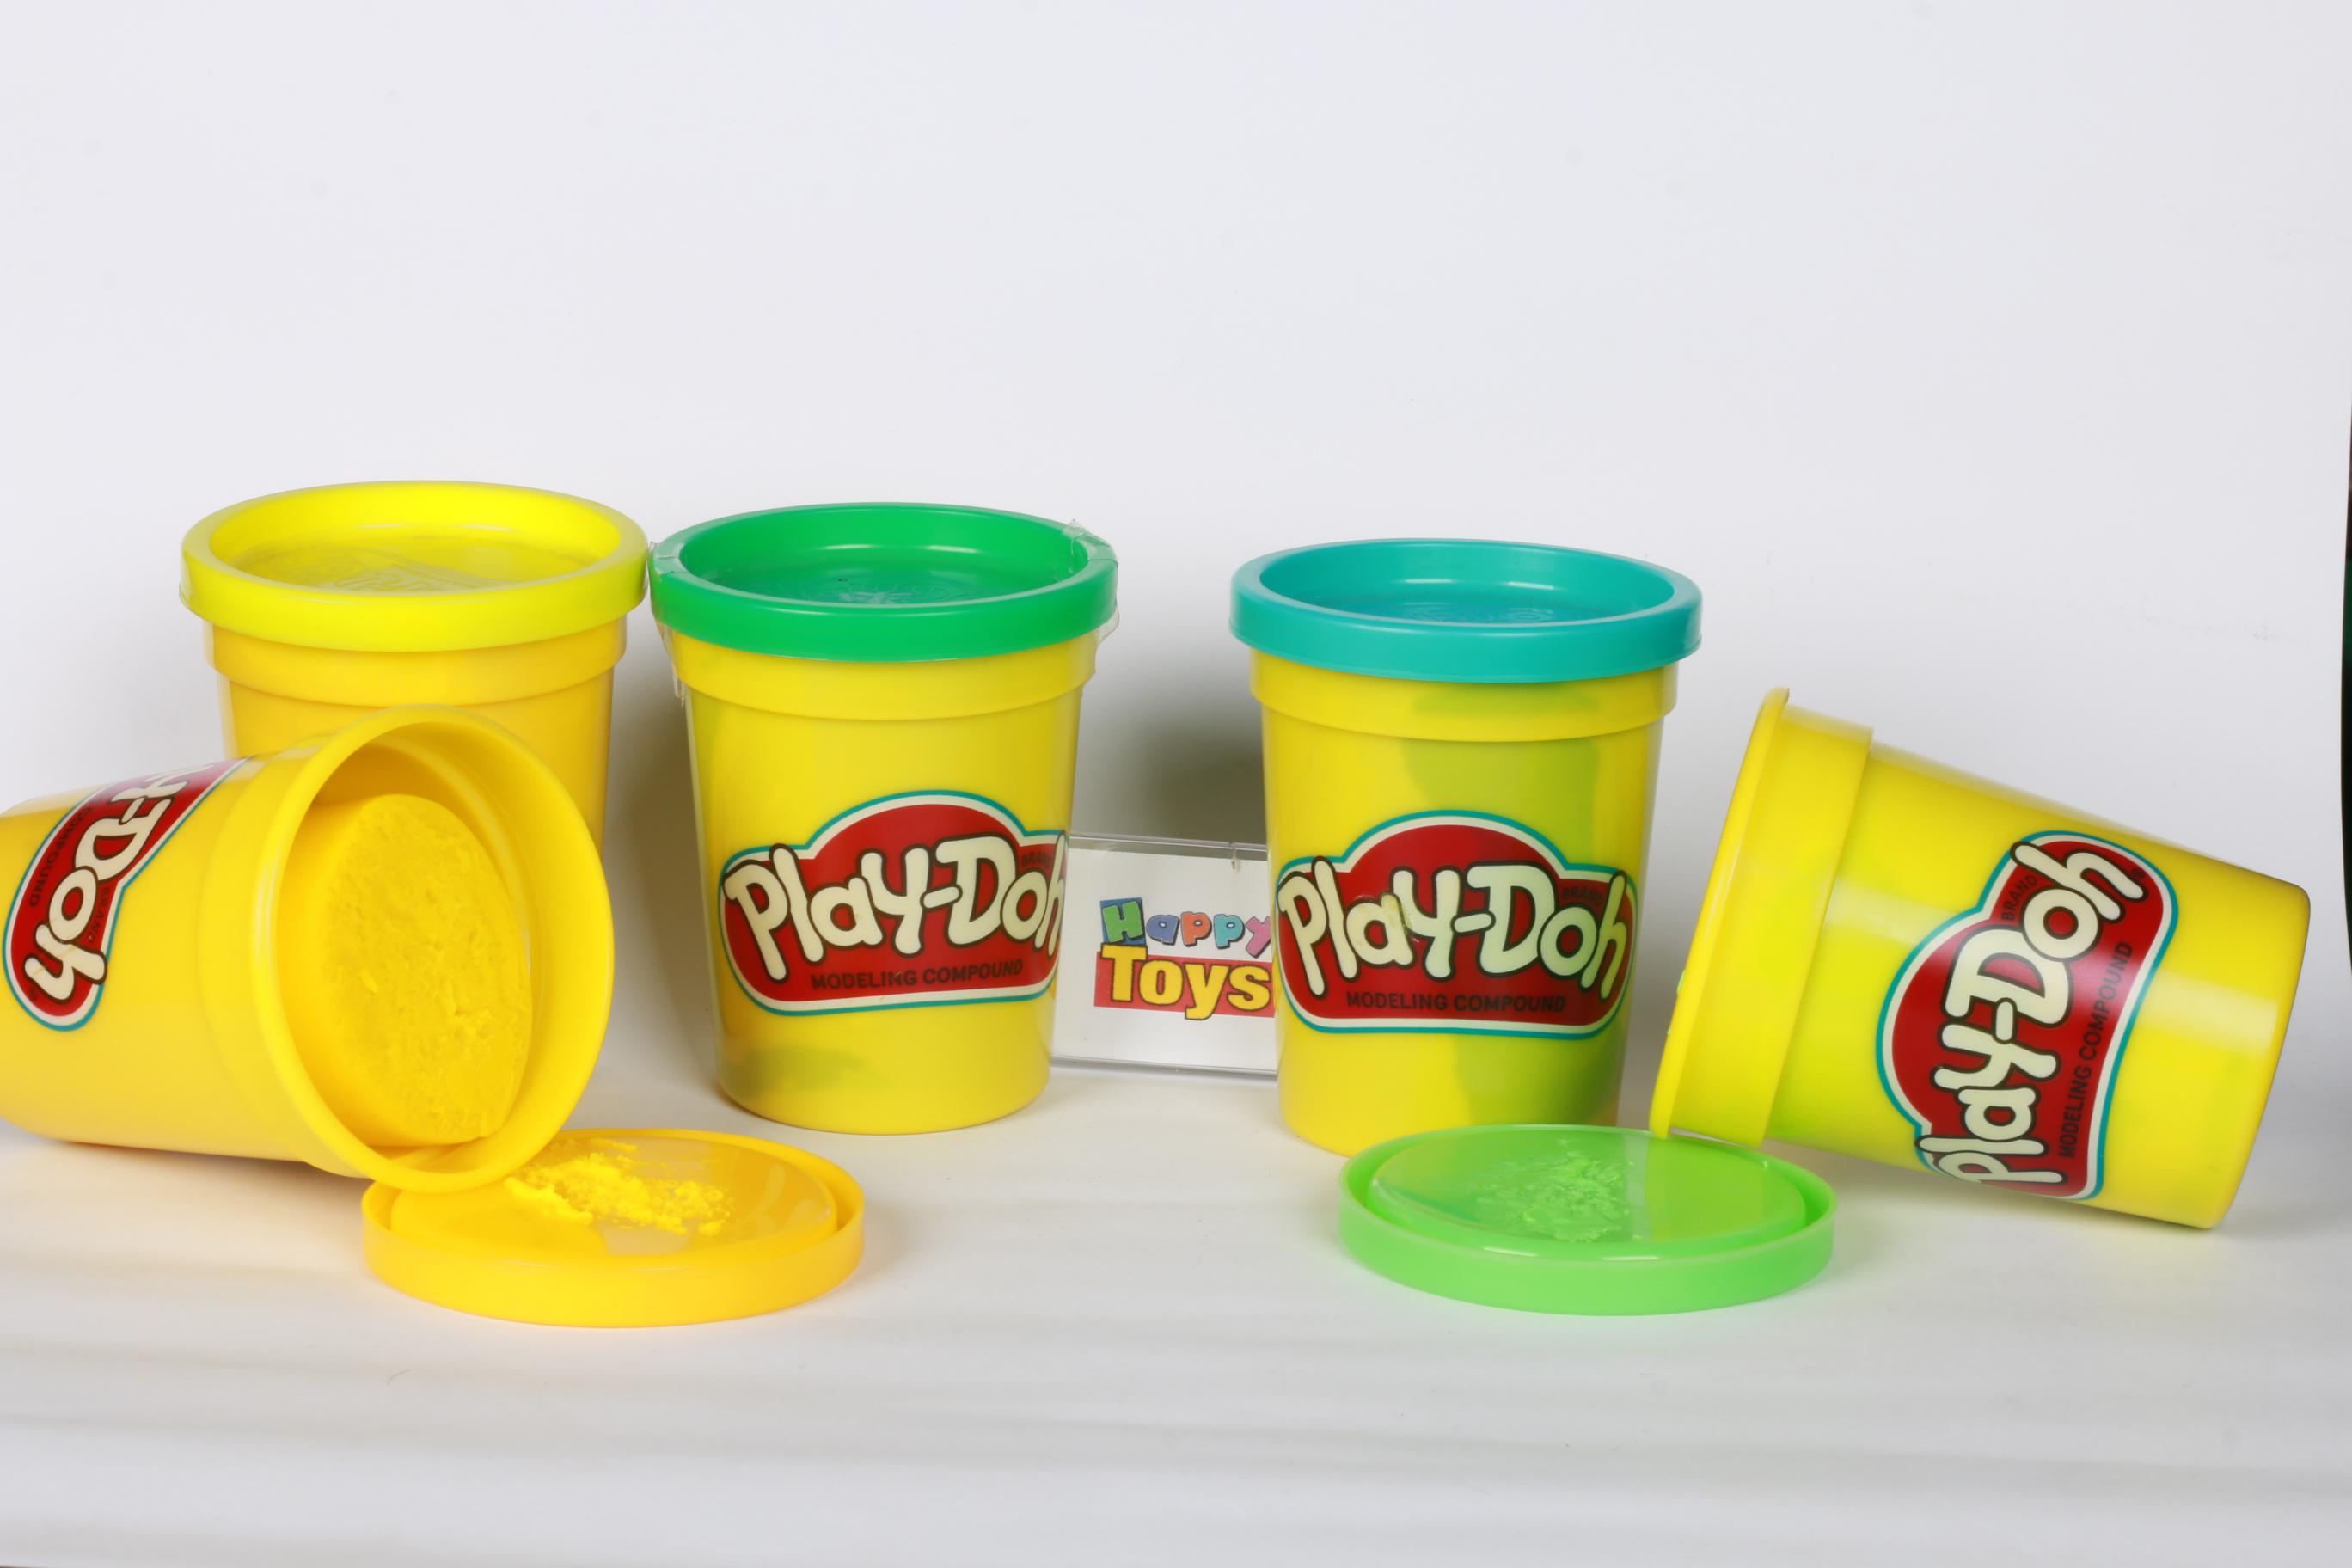 Play-doh เพลย์โดว์ ดินน้ำมัน แป้งโดว์ ดินน้ำมันสำหรับเด็ก ดินน้ำมันเล่นแล้วไม่ติดมือ ดินน้ำมันสะอาด